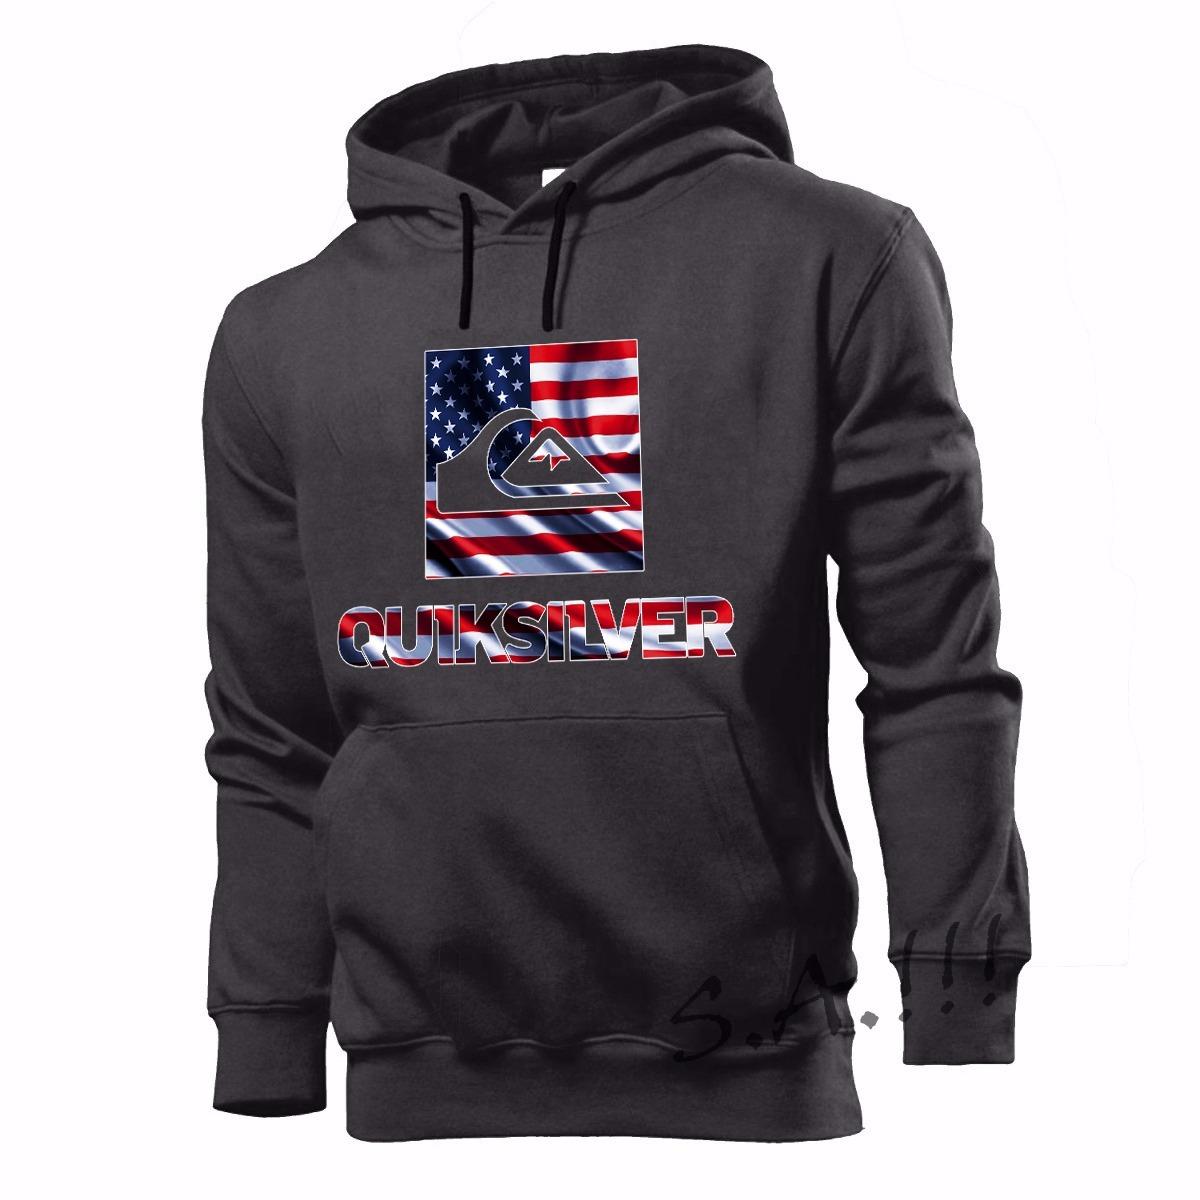 blusa moletom quiksilver usa - casaco de frio america eua. Carregando zoom. ffbb34ab2d